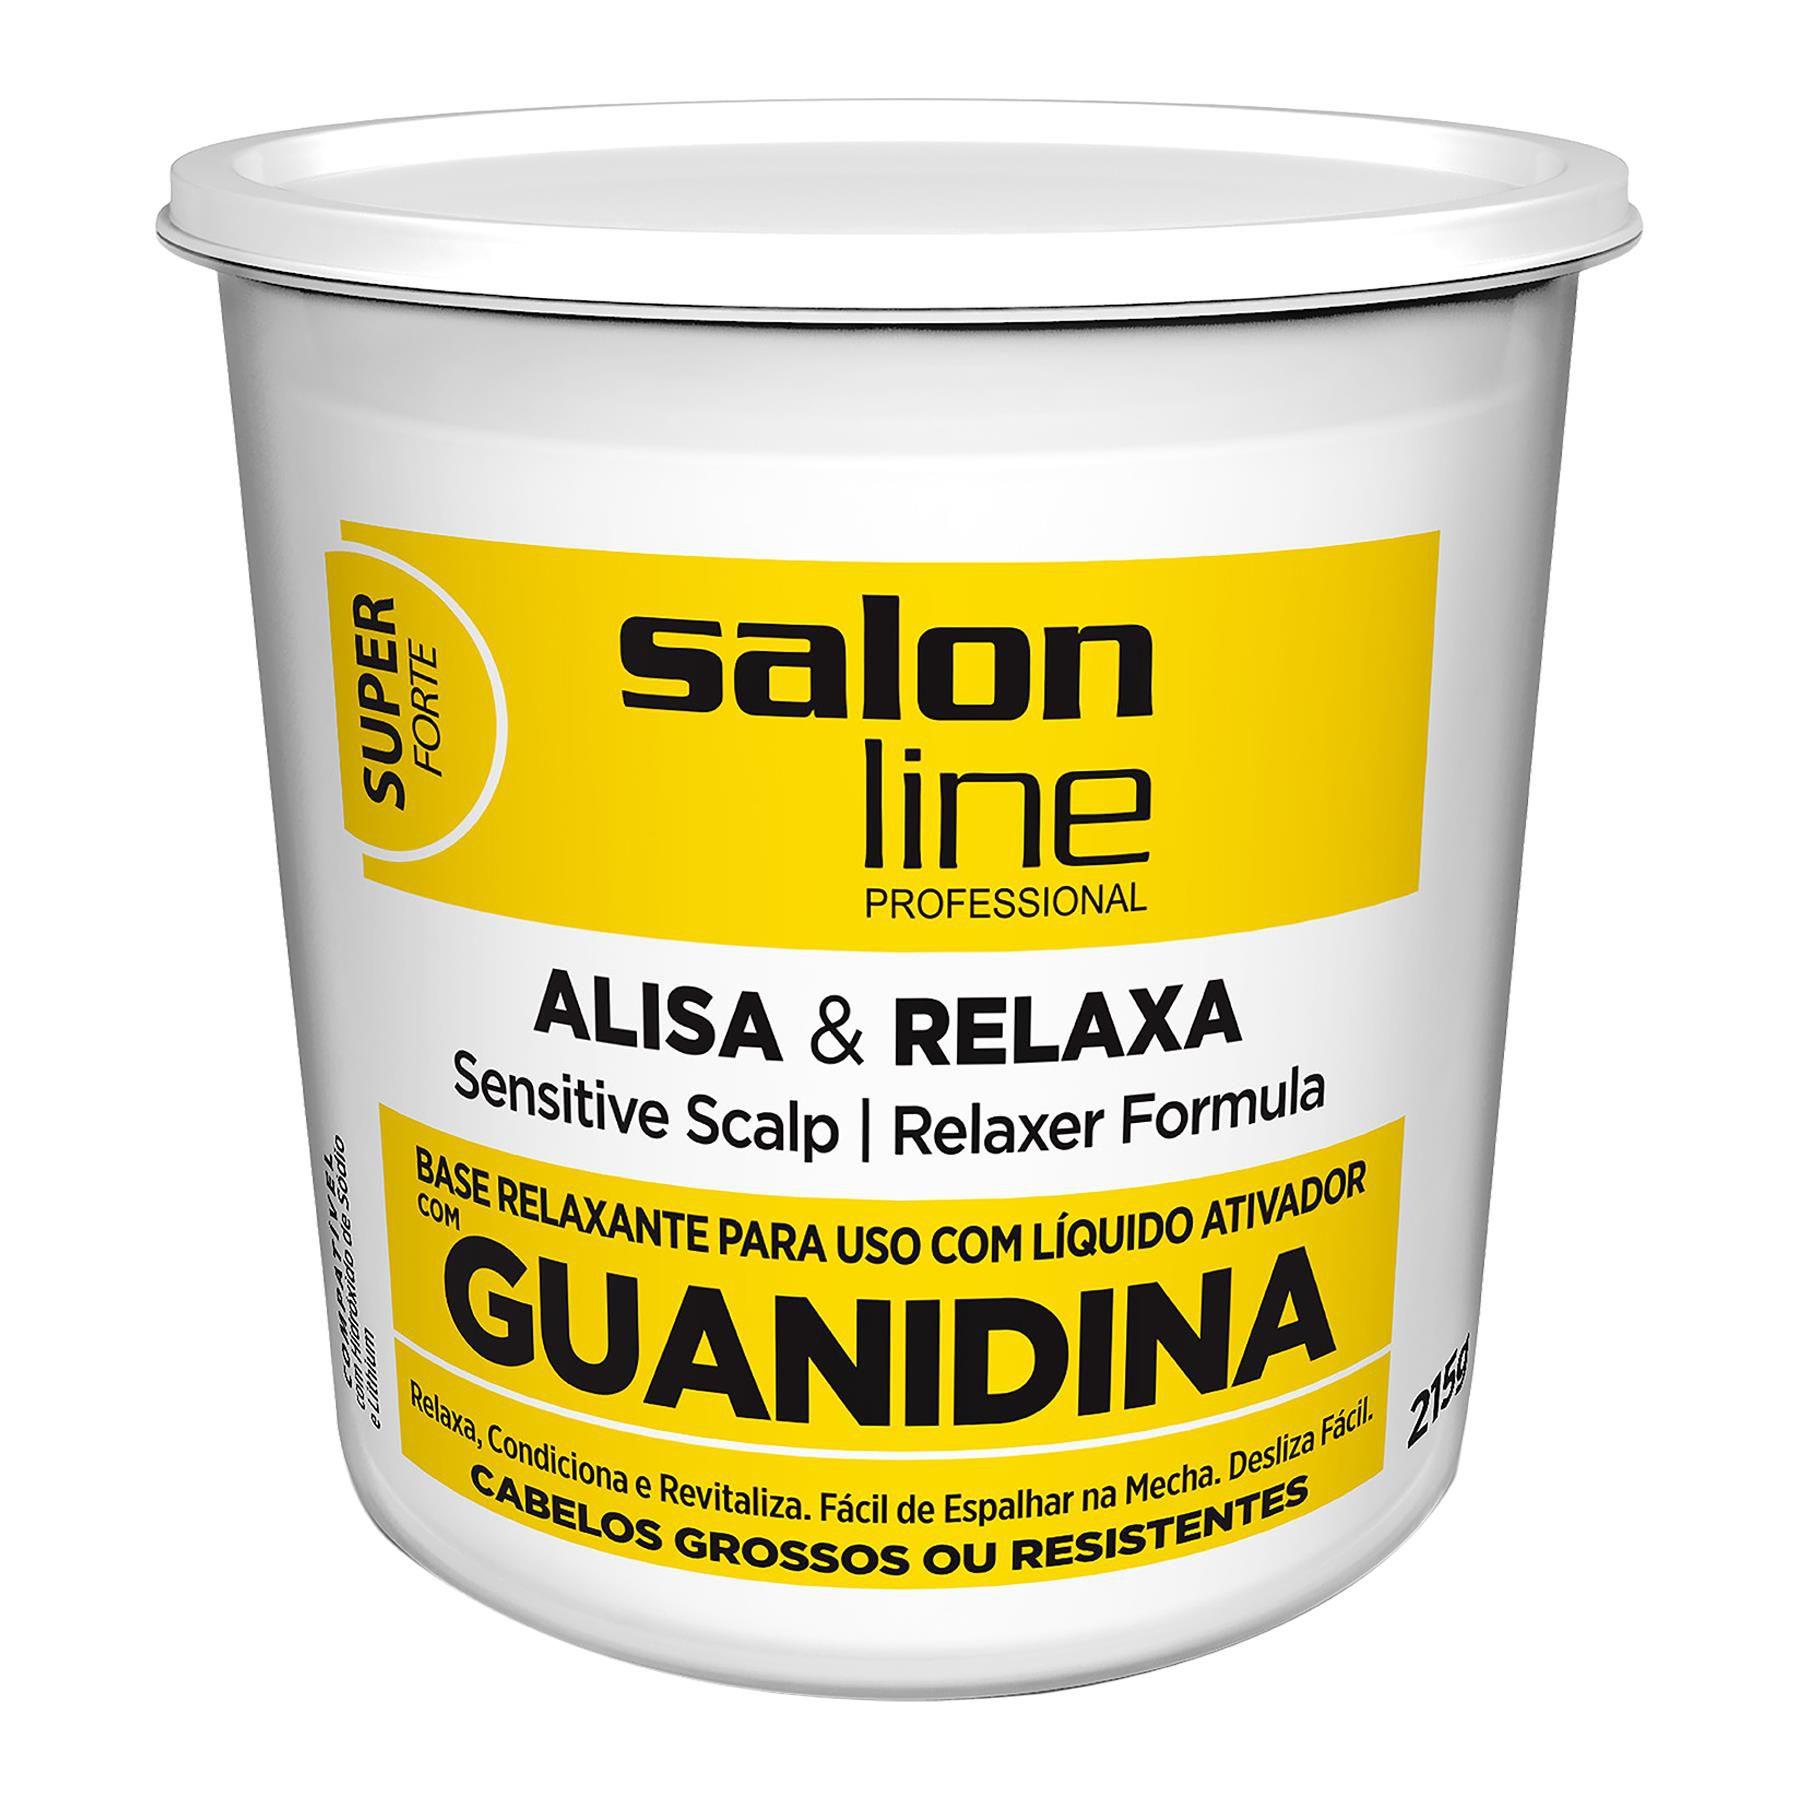 Salon Line Base Relaxante de Guadinina Alisa & Relaxa Super Forte com Óleo de Semente de Manga 215g